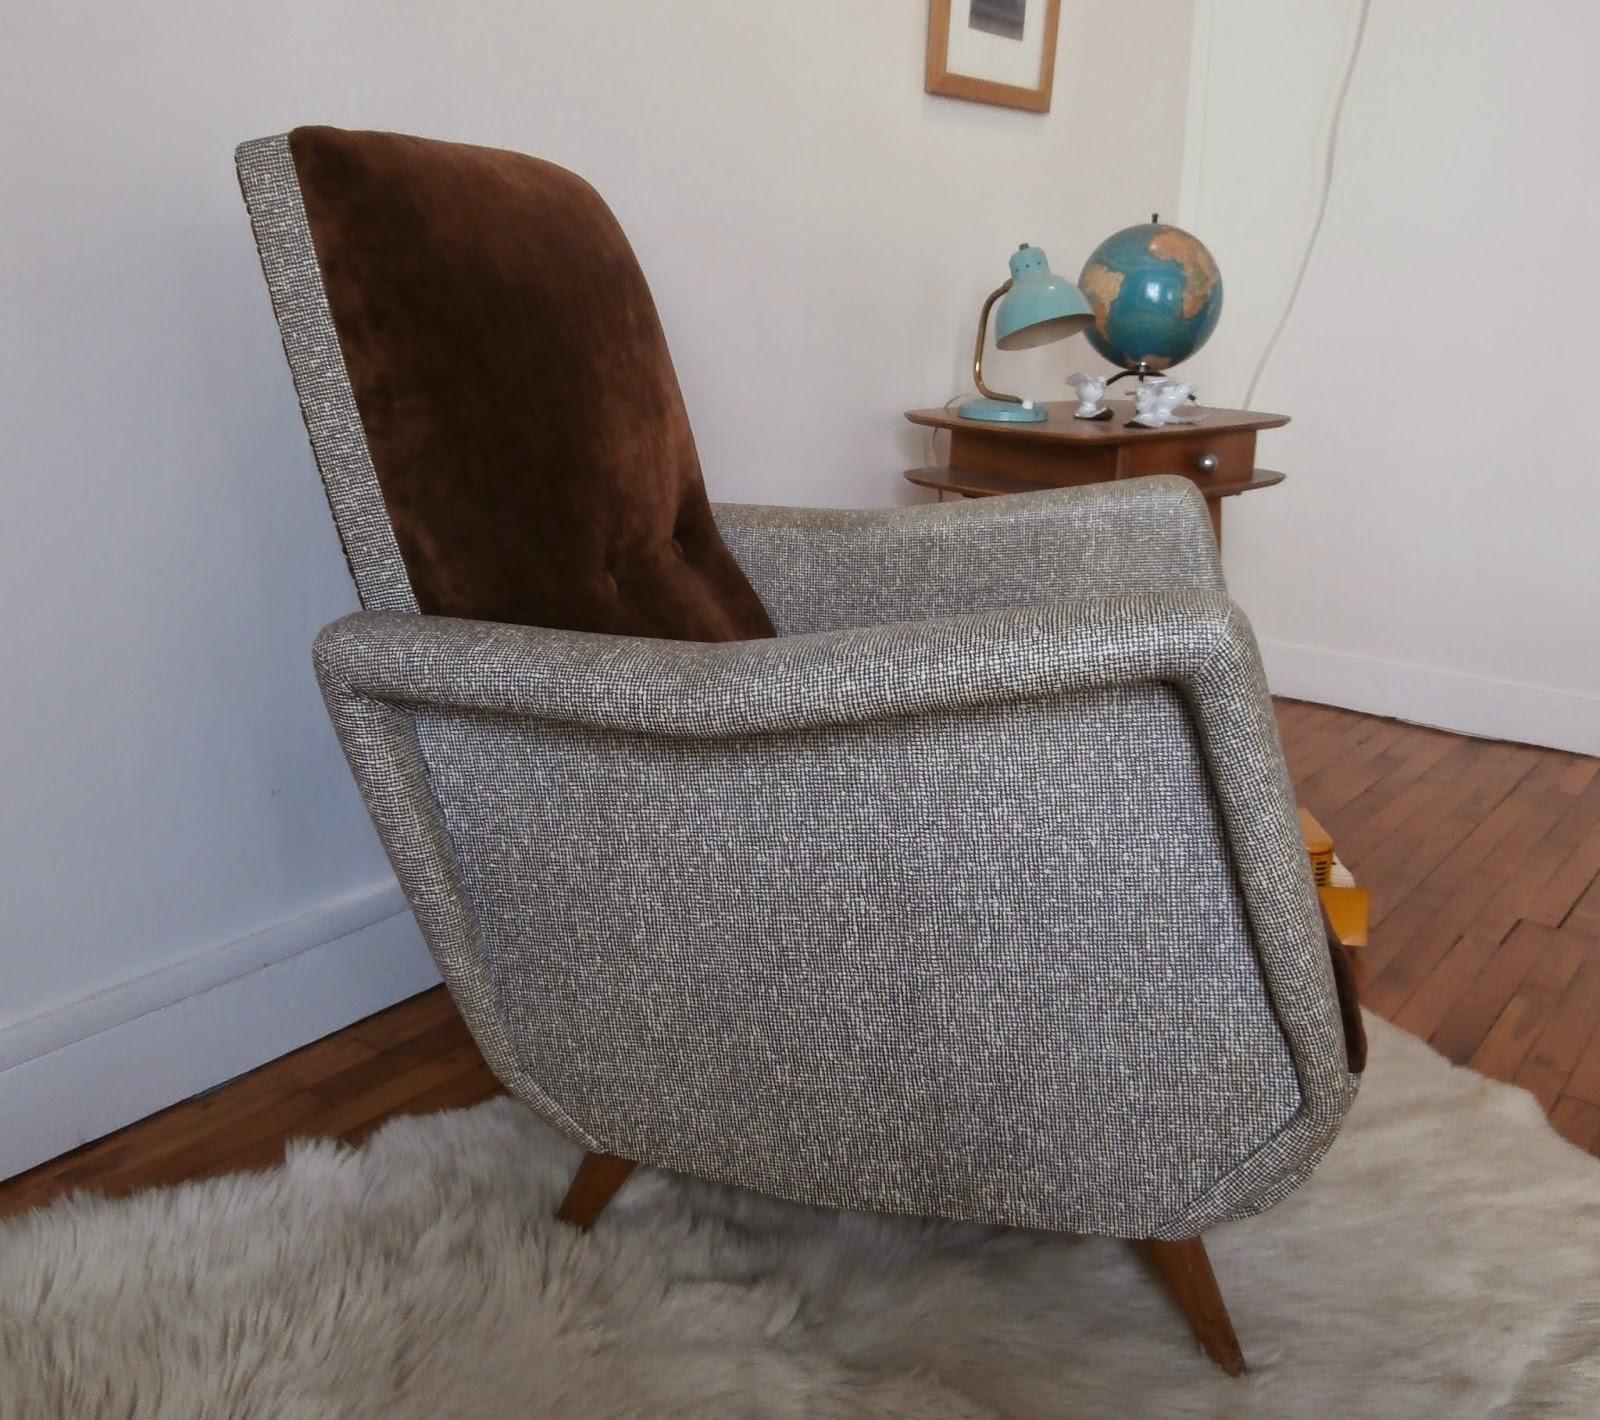 Dur e de vie ind termin e fauteuil ann es 50 design italien - Fauteuil design italien ...